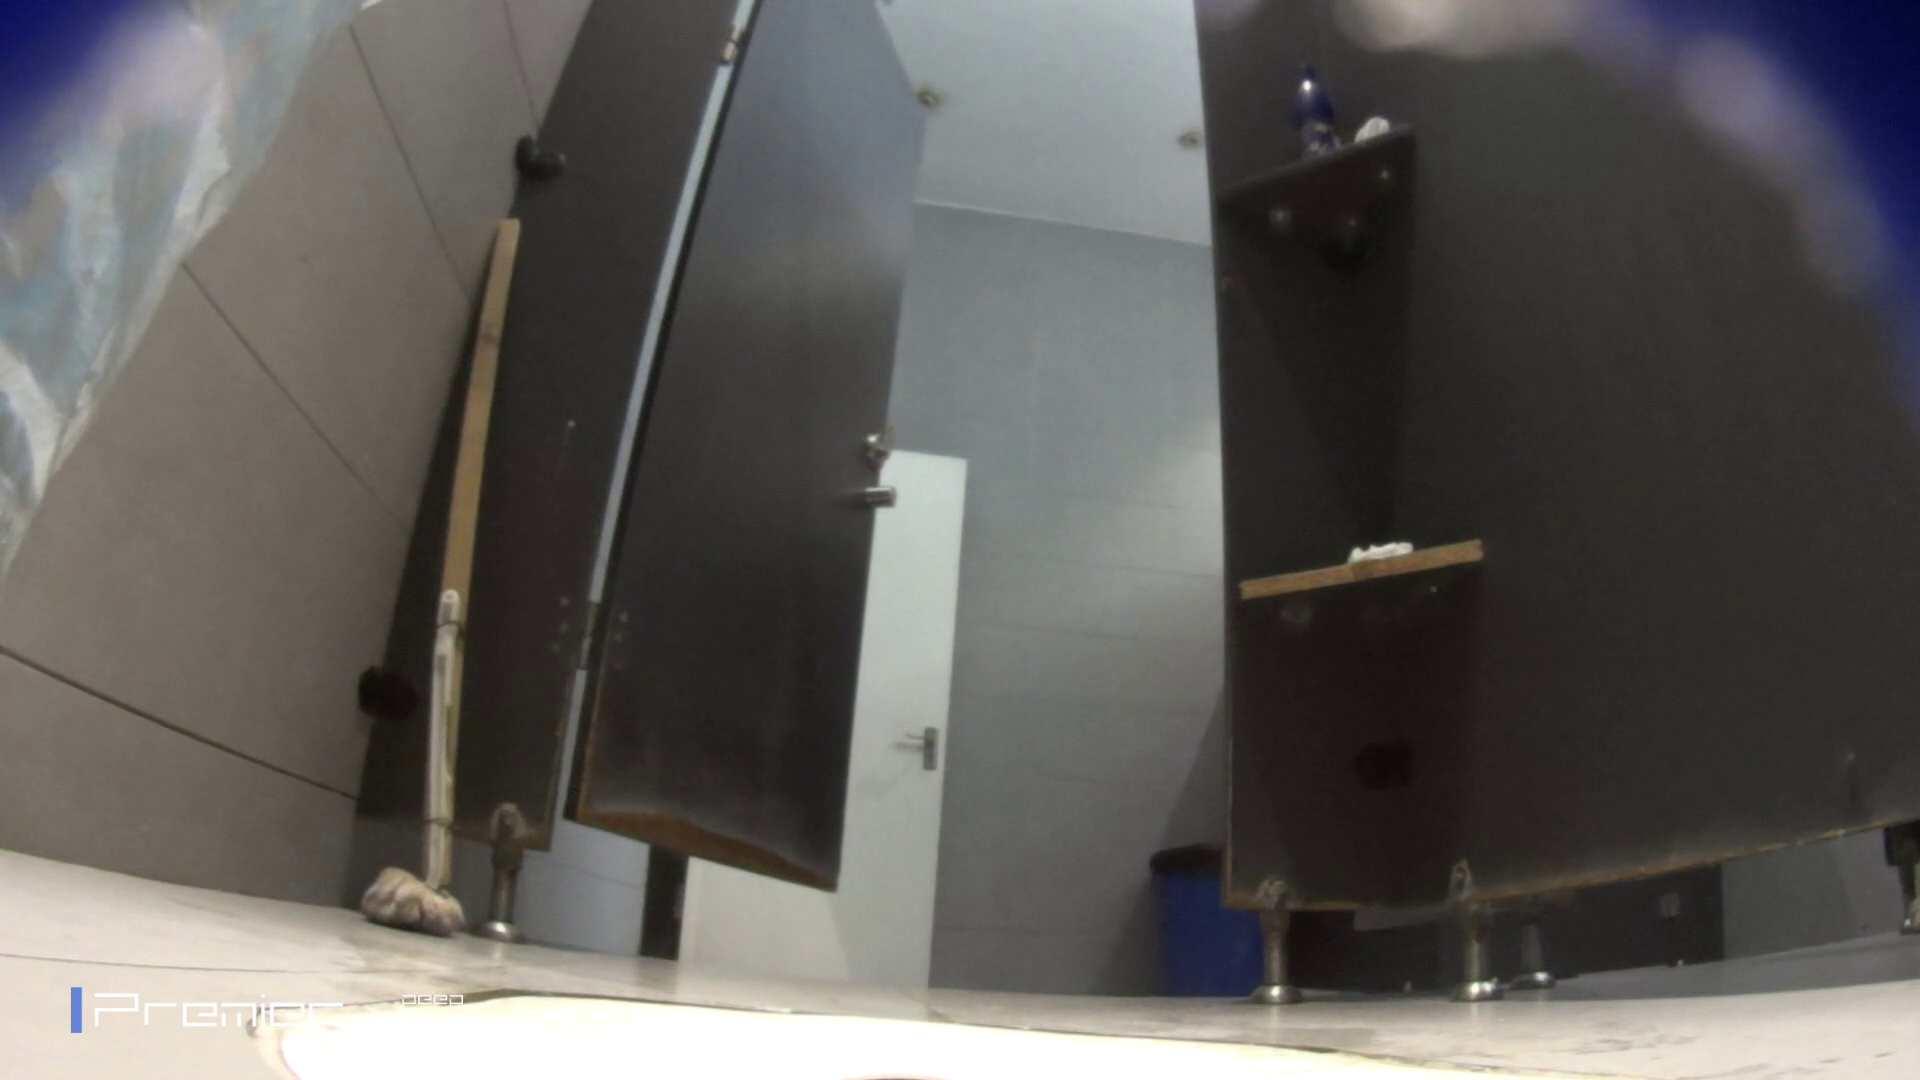 フロントから丸見え! 大学休憩時間の洗面所事情60 高画質  69PIX 42